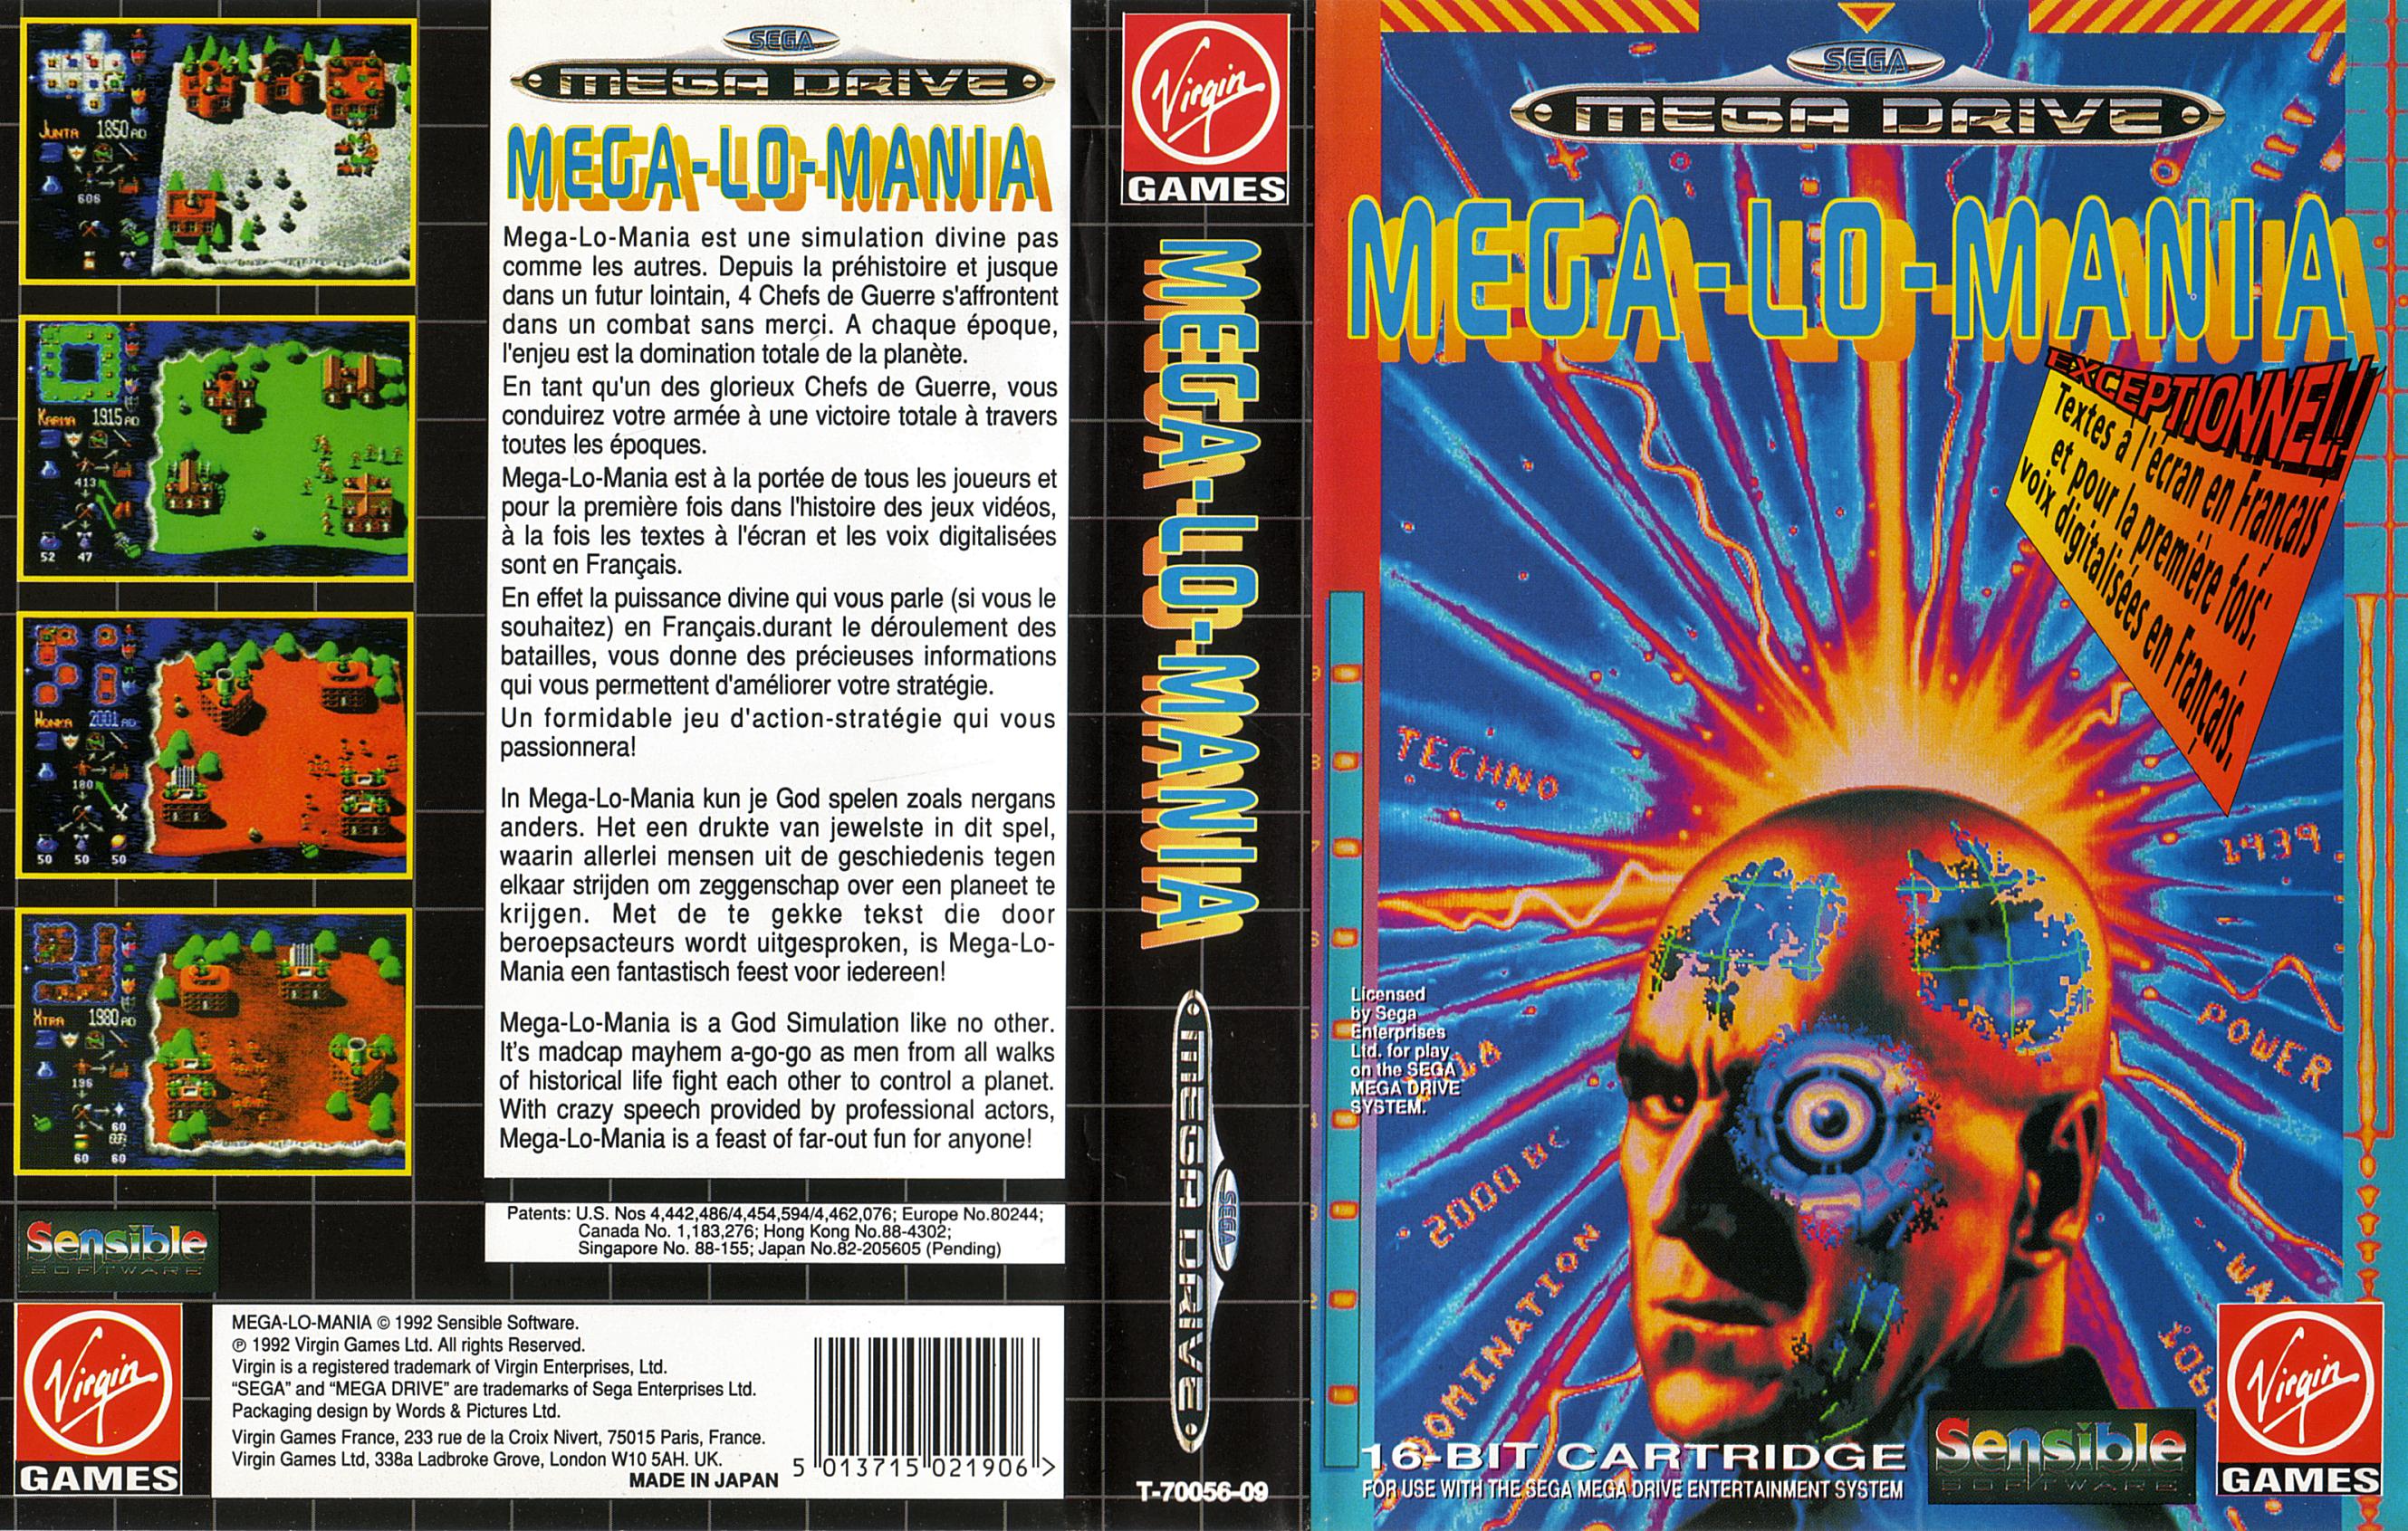 MEGA LO MANIA